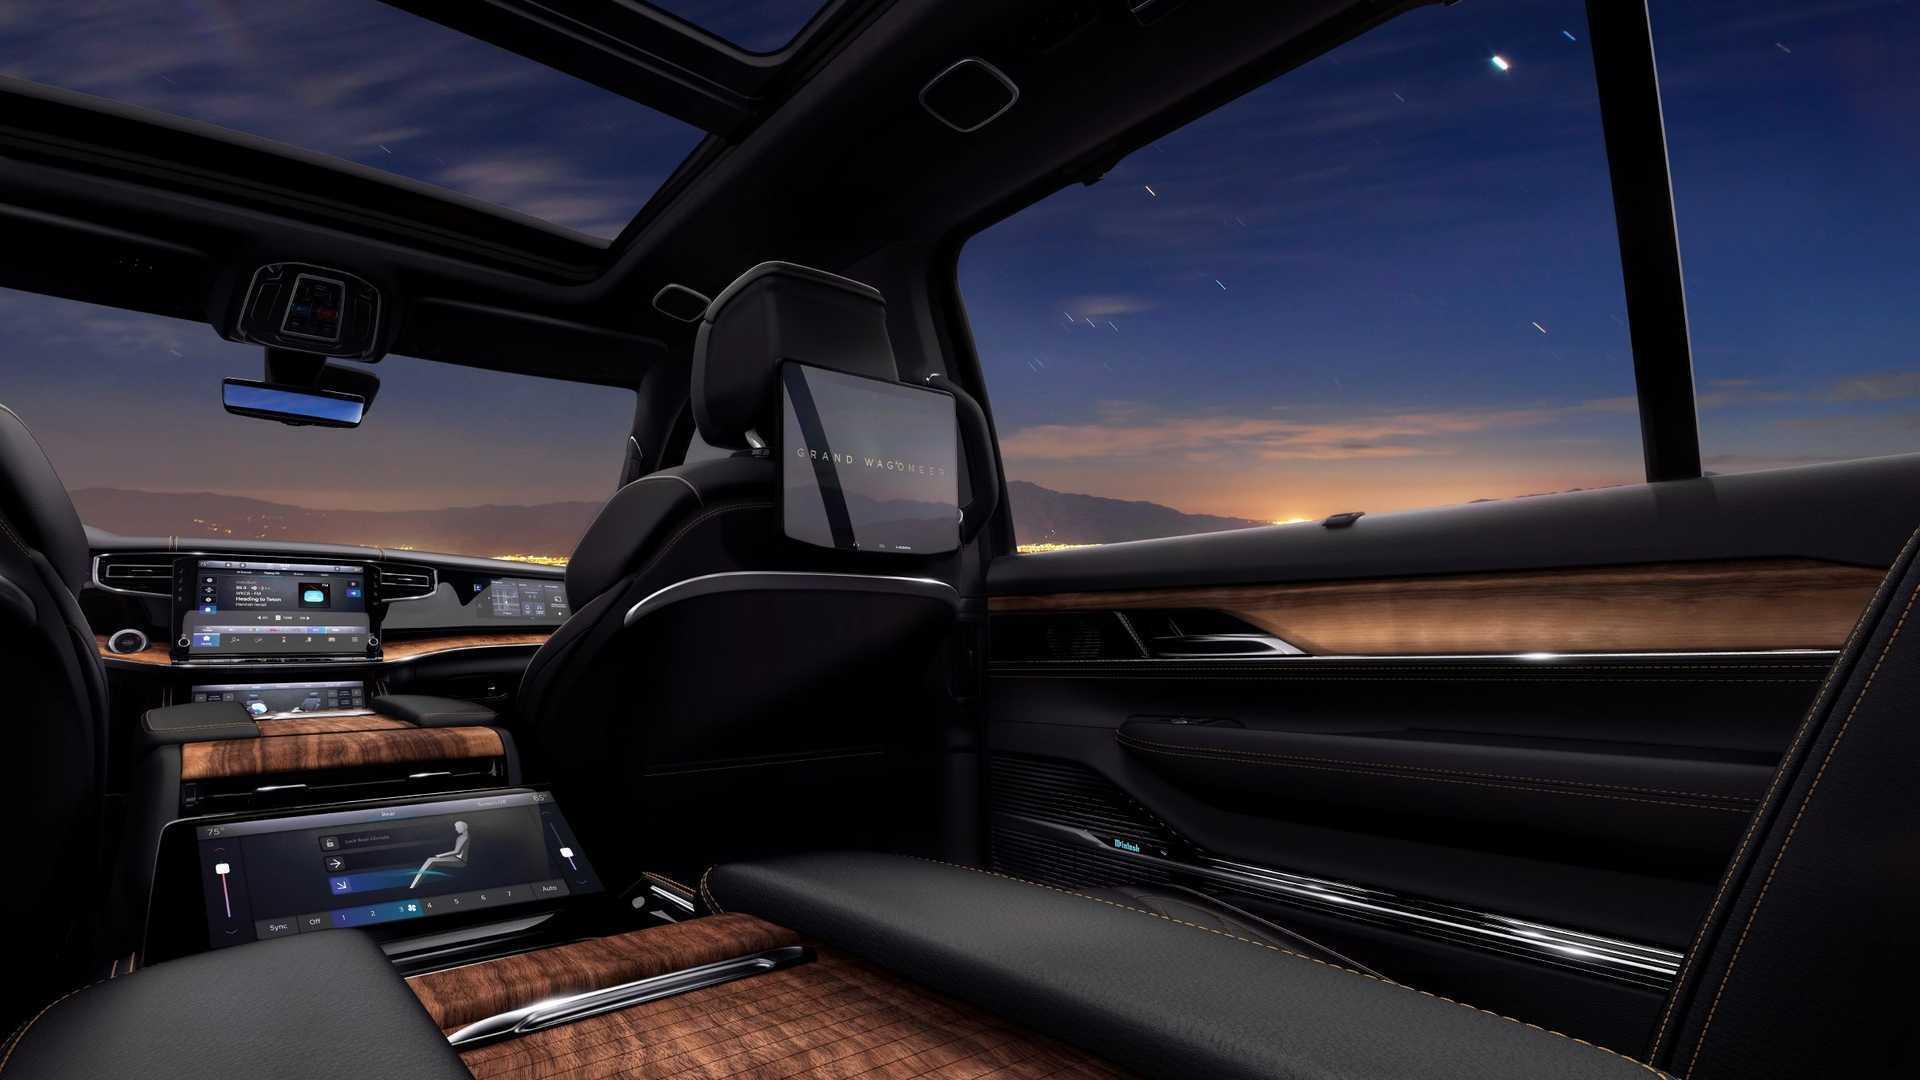 """К услугам задних пассажиров – индивидуальные экраны на спинках передних кресел, а также отдельный экран между креслами второго ряда для управления """"климатом"""""""